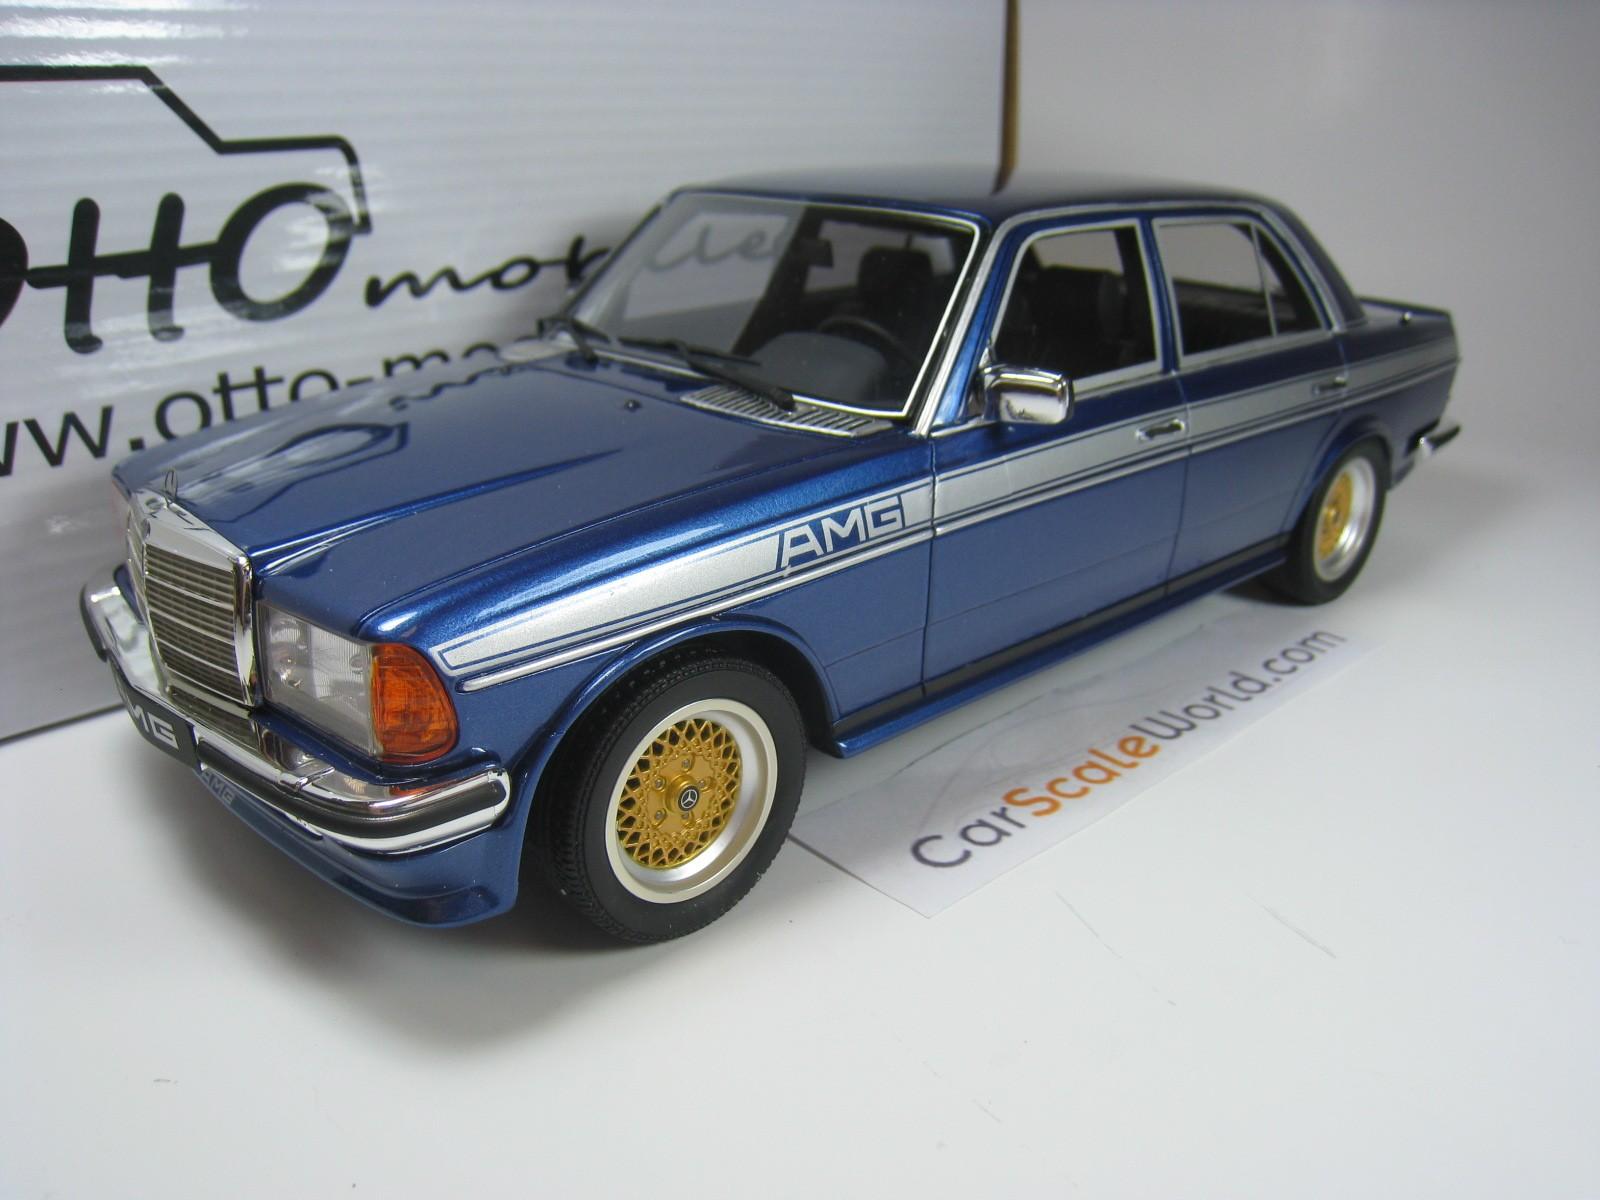 Mercedes benz 280e amg w123 1 18 otto mobile blue for Mobile mercedes benz